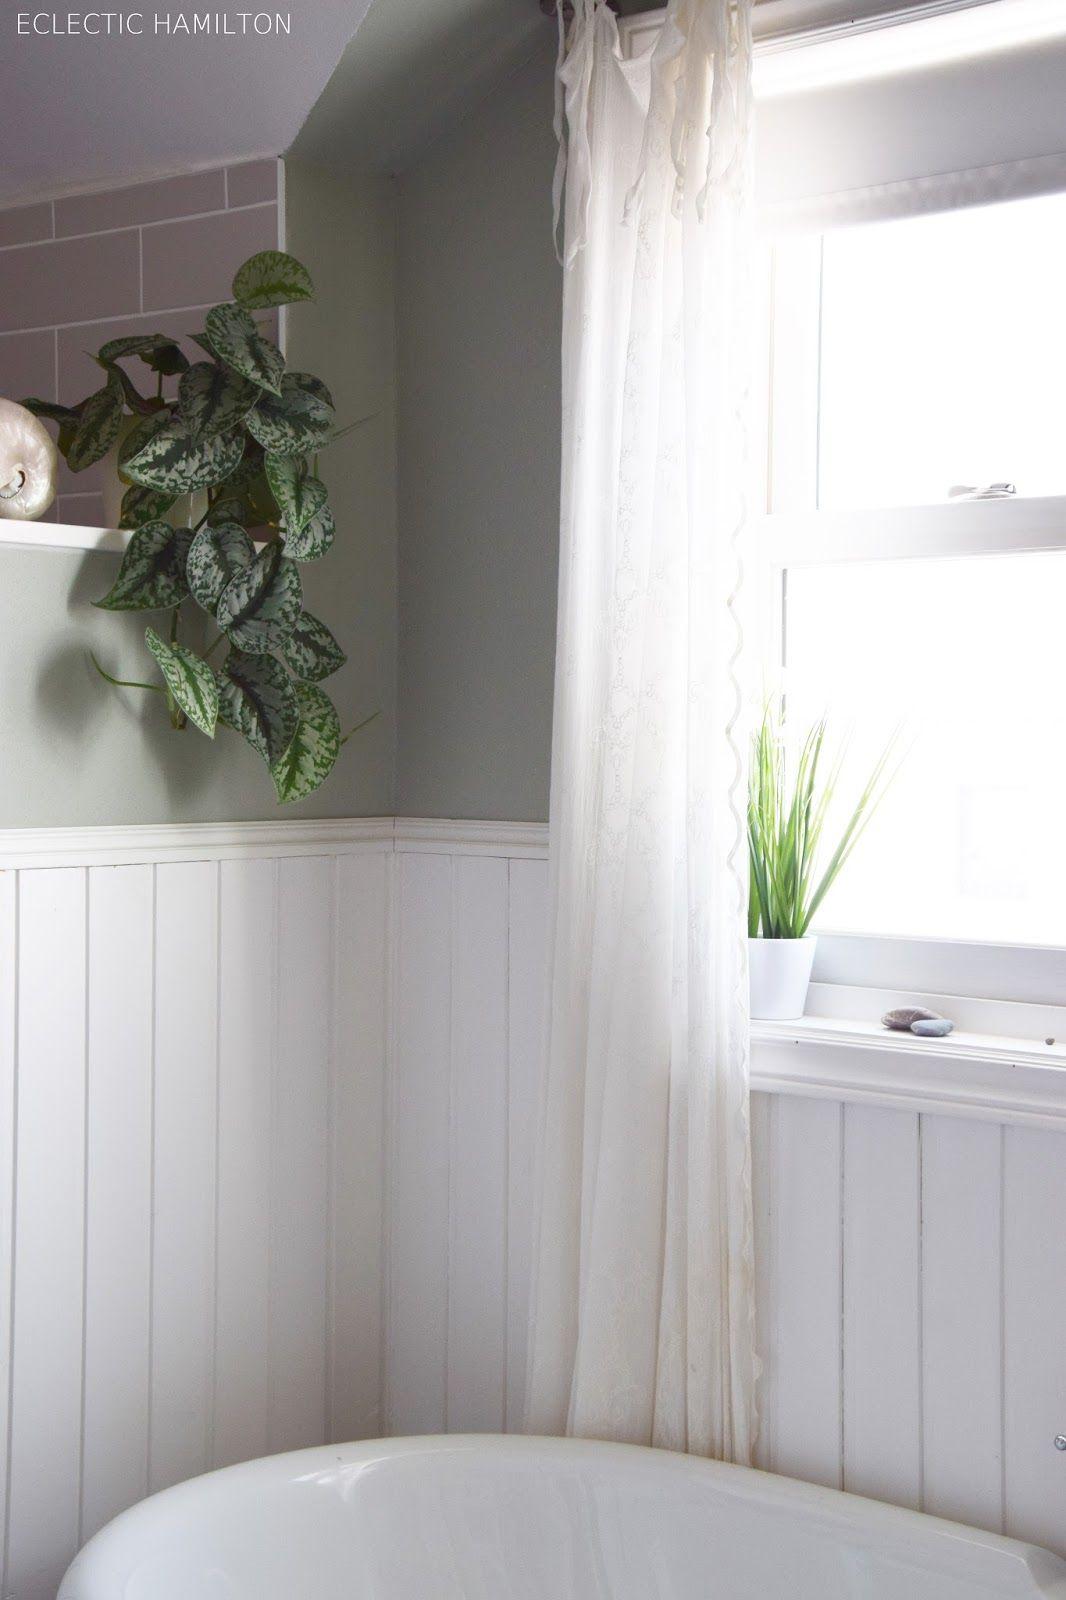 Meine Badezimmer Deko, Ideen Tipps Zur Einrichtung Und Gestaltung